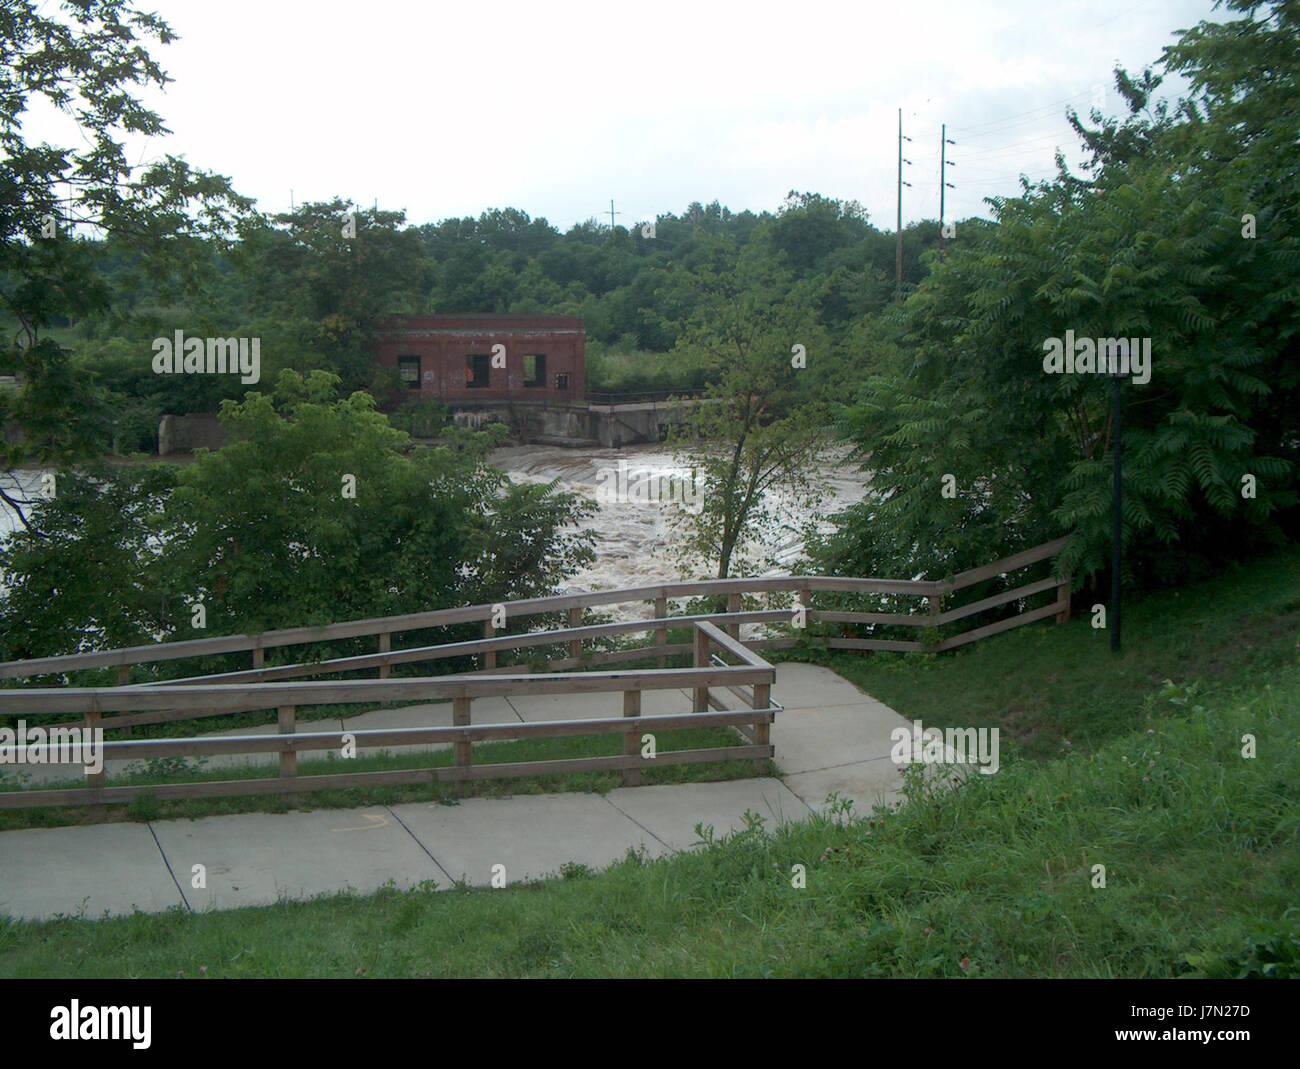 2003 Mahoning flood 5 - Stock Image